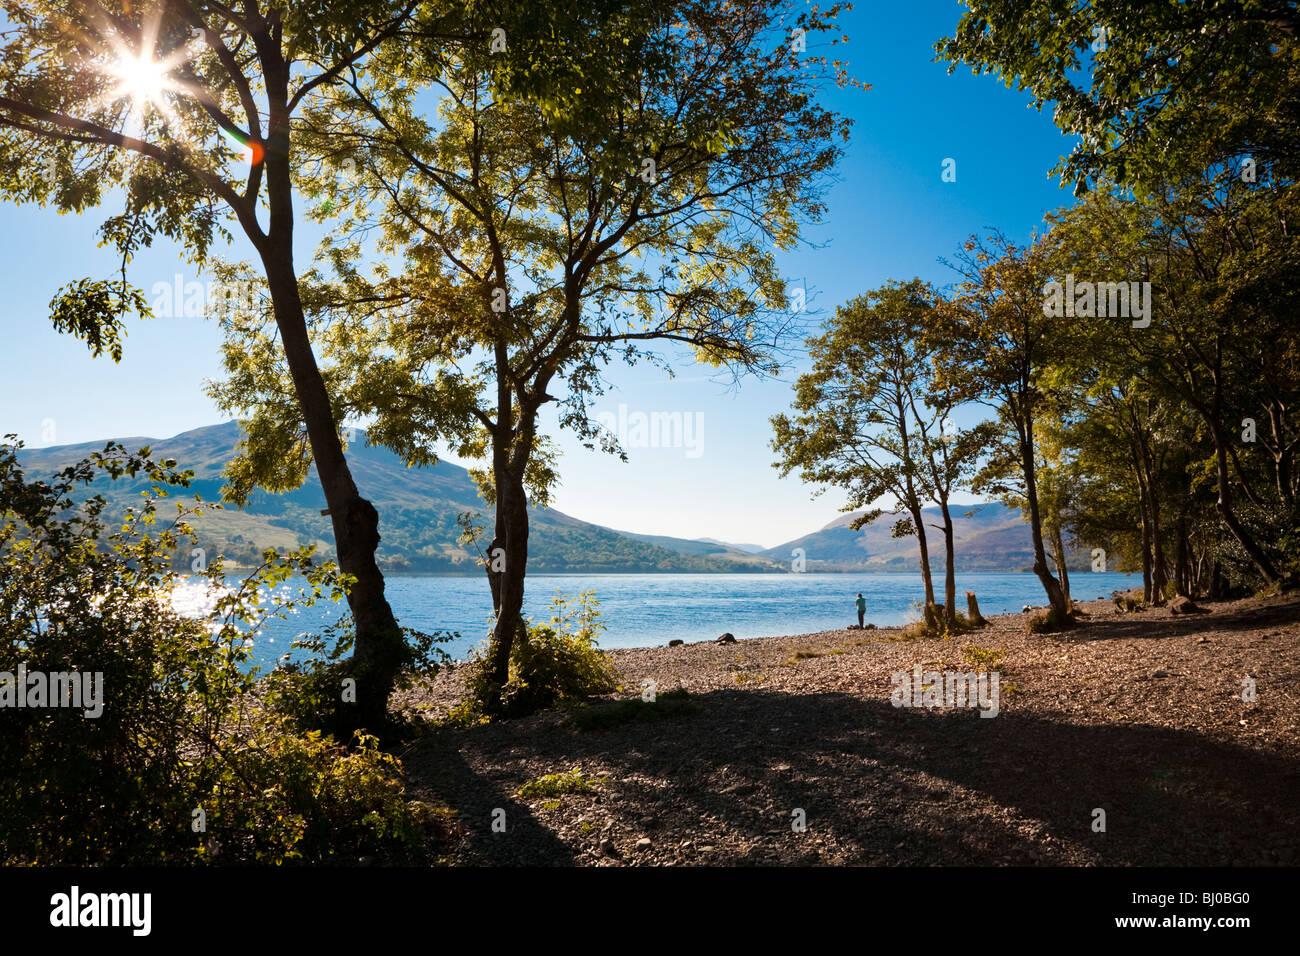 Blick auf See mit Landschaft und Berge, Loch Earn Schottland Stockbild